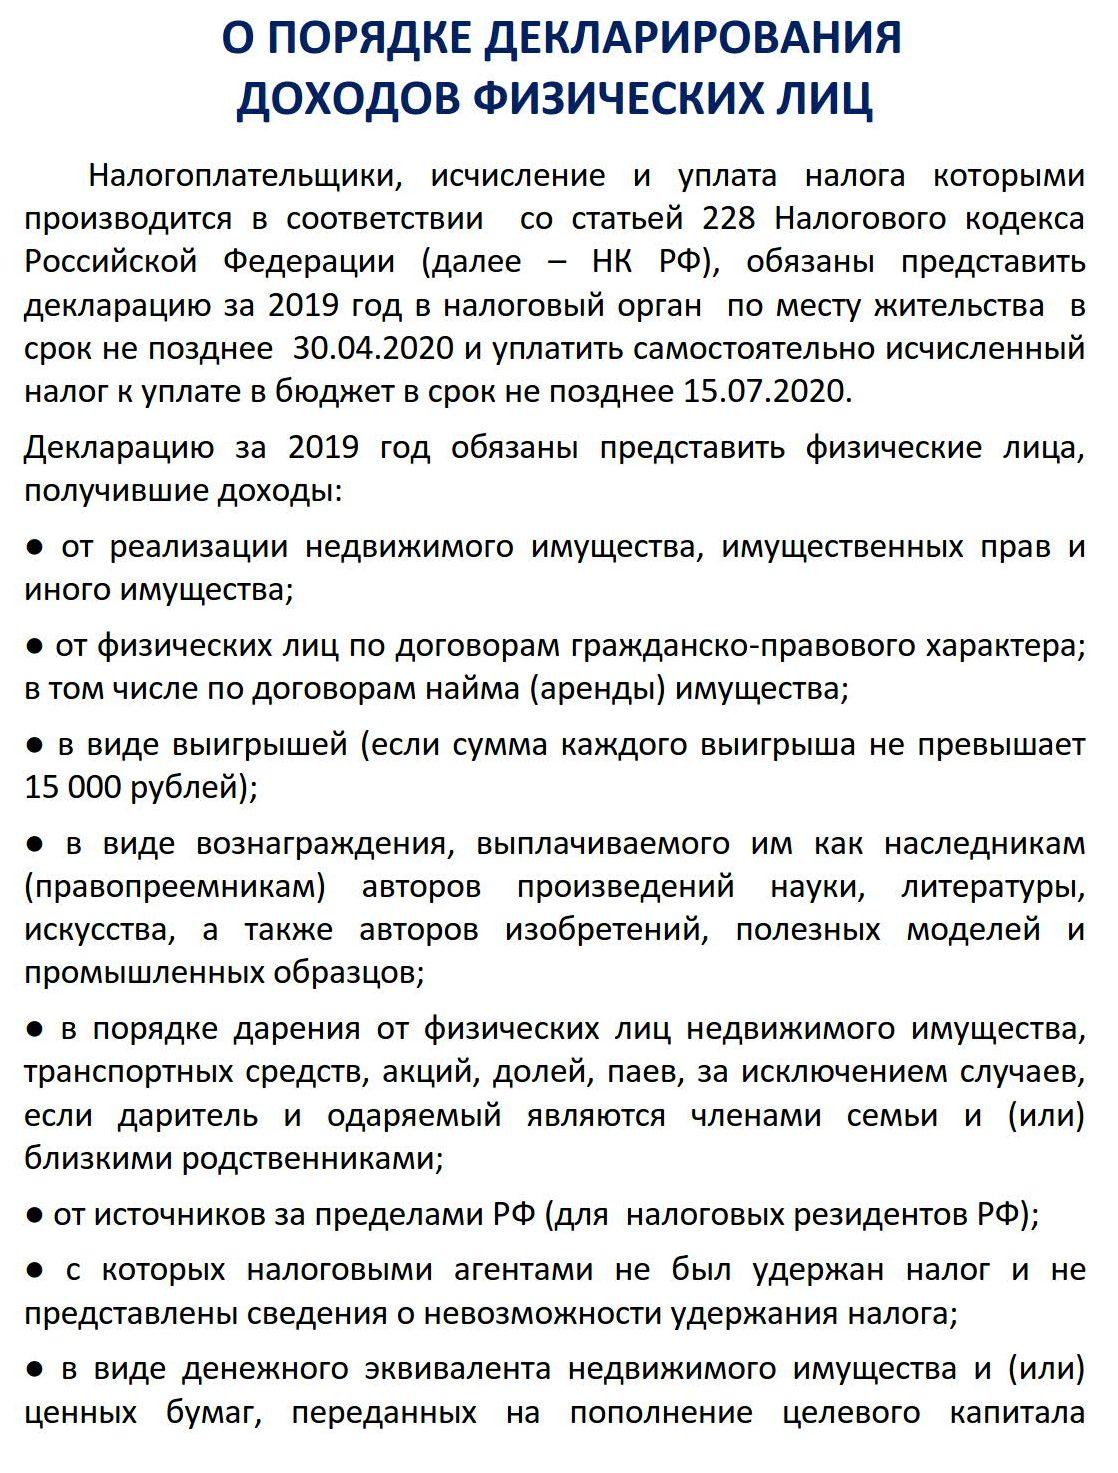 Декларирование 2020_1